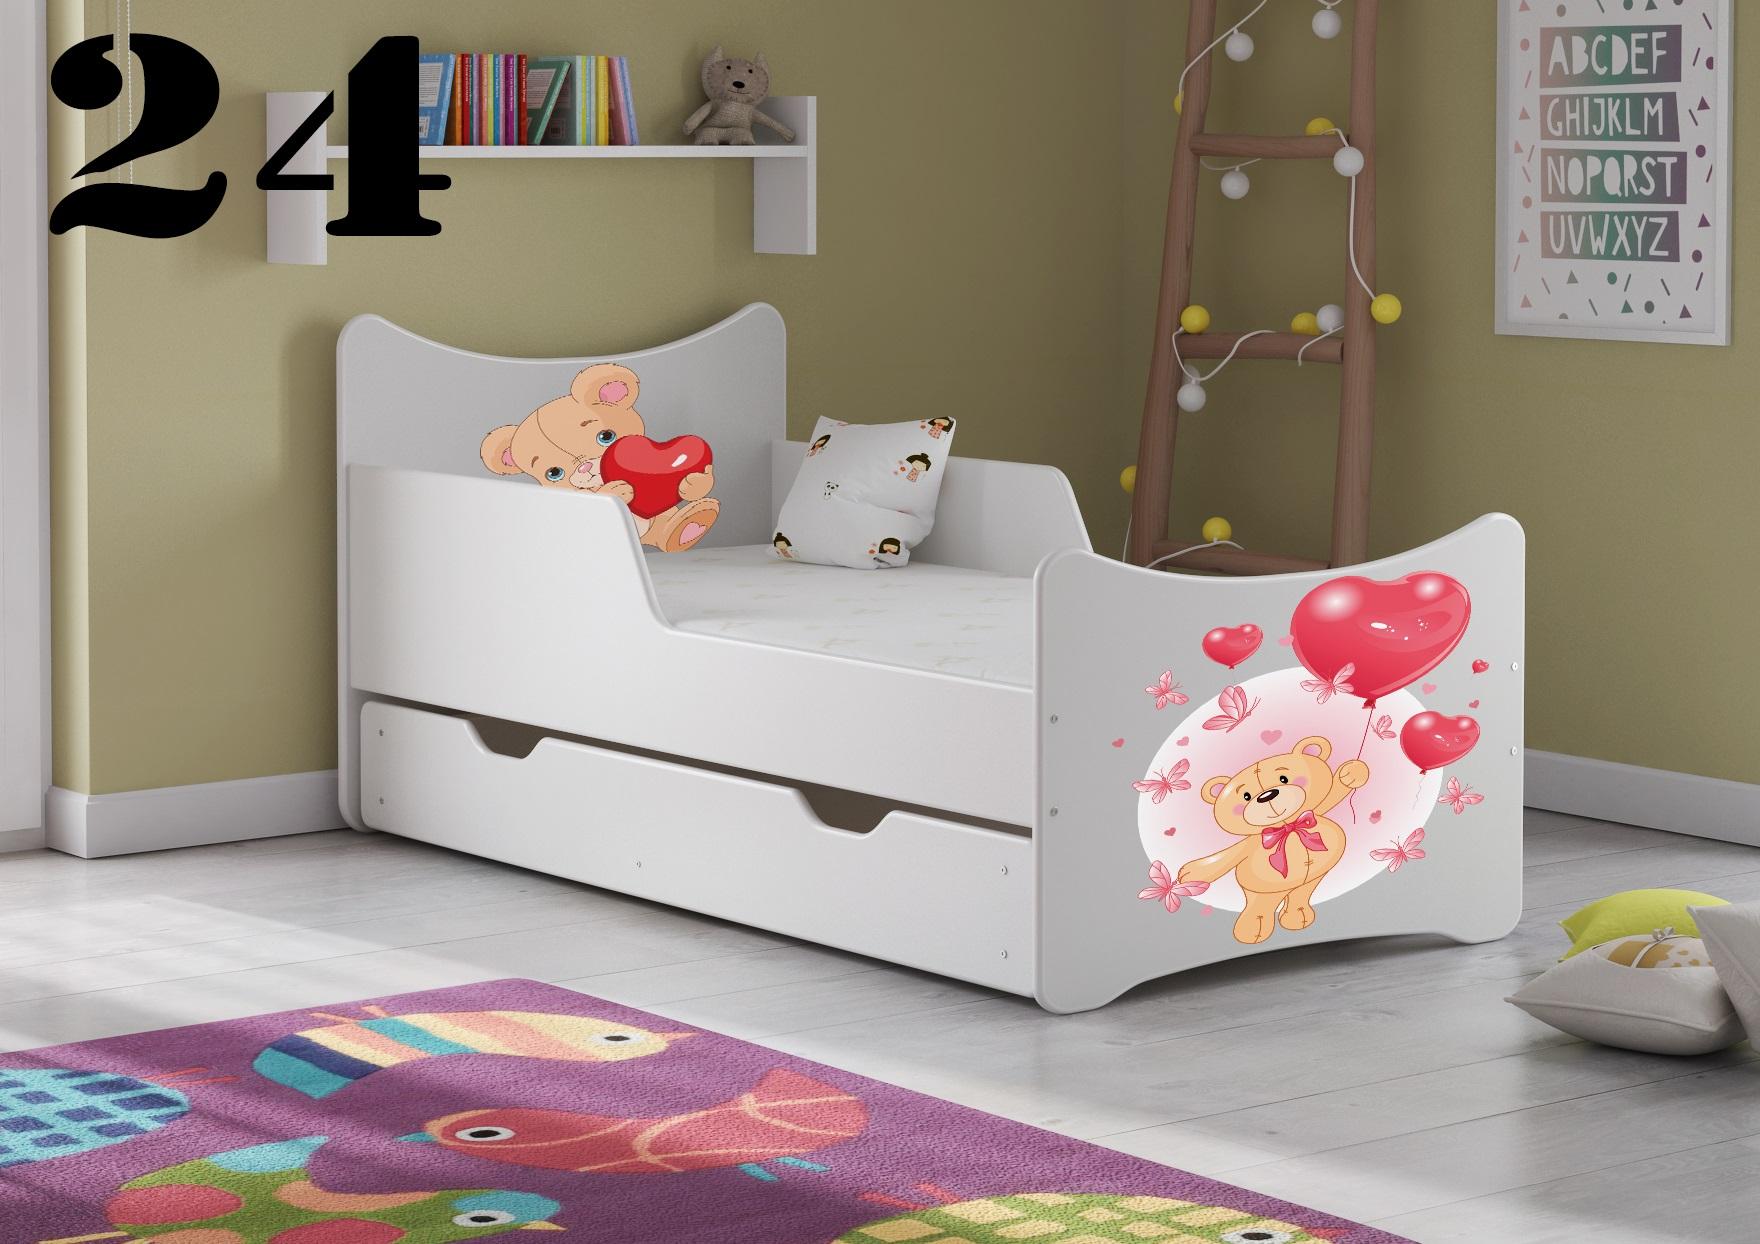 Detská posteľ SMB - zvieratá Prevedenie: Obrázok č.24